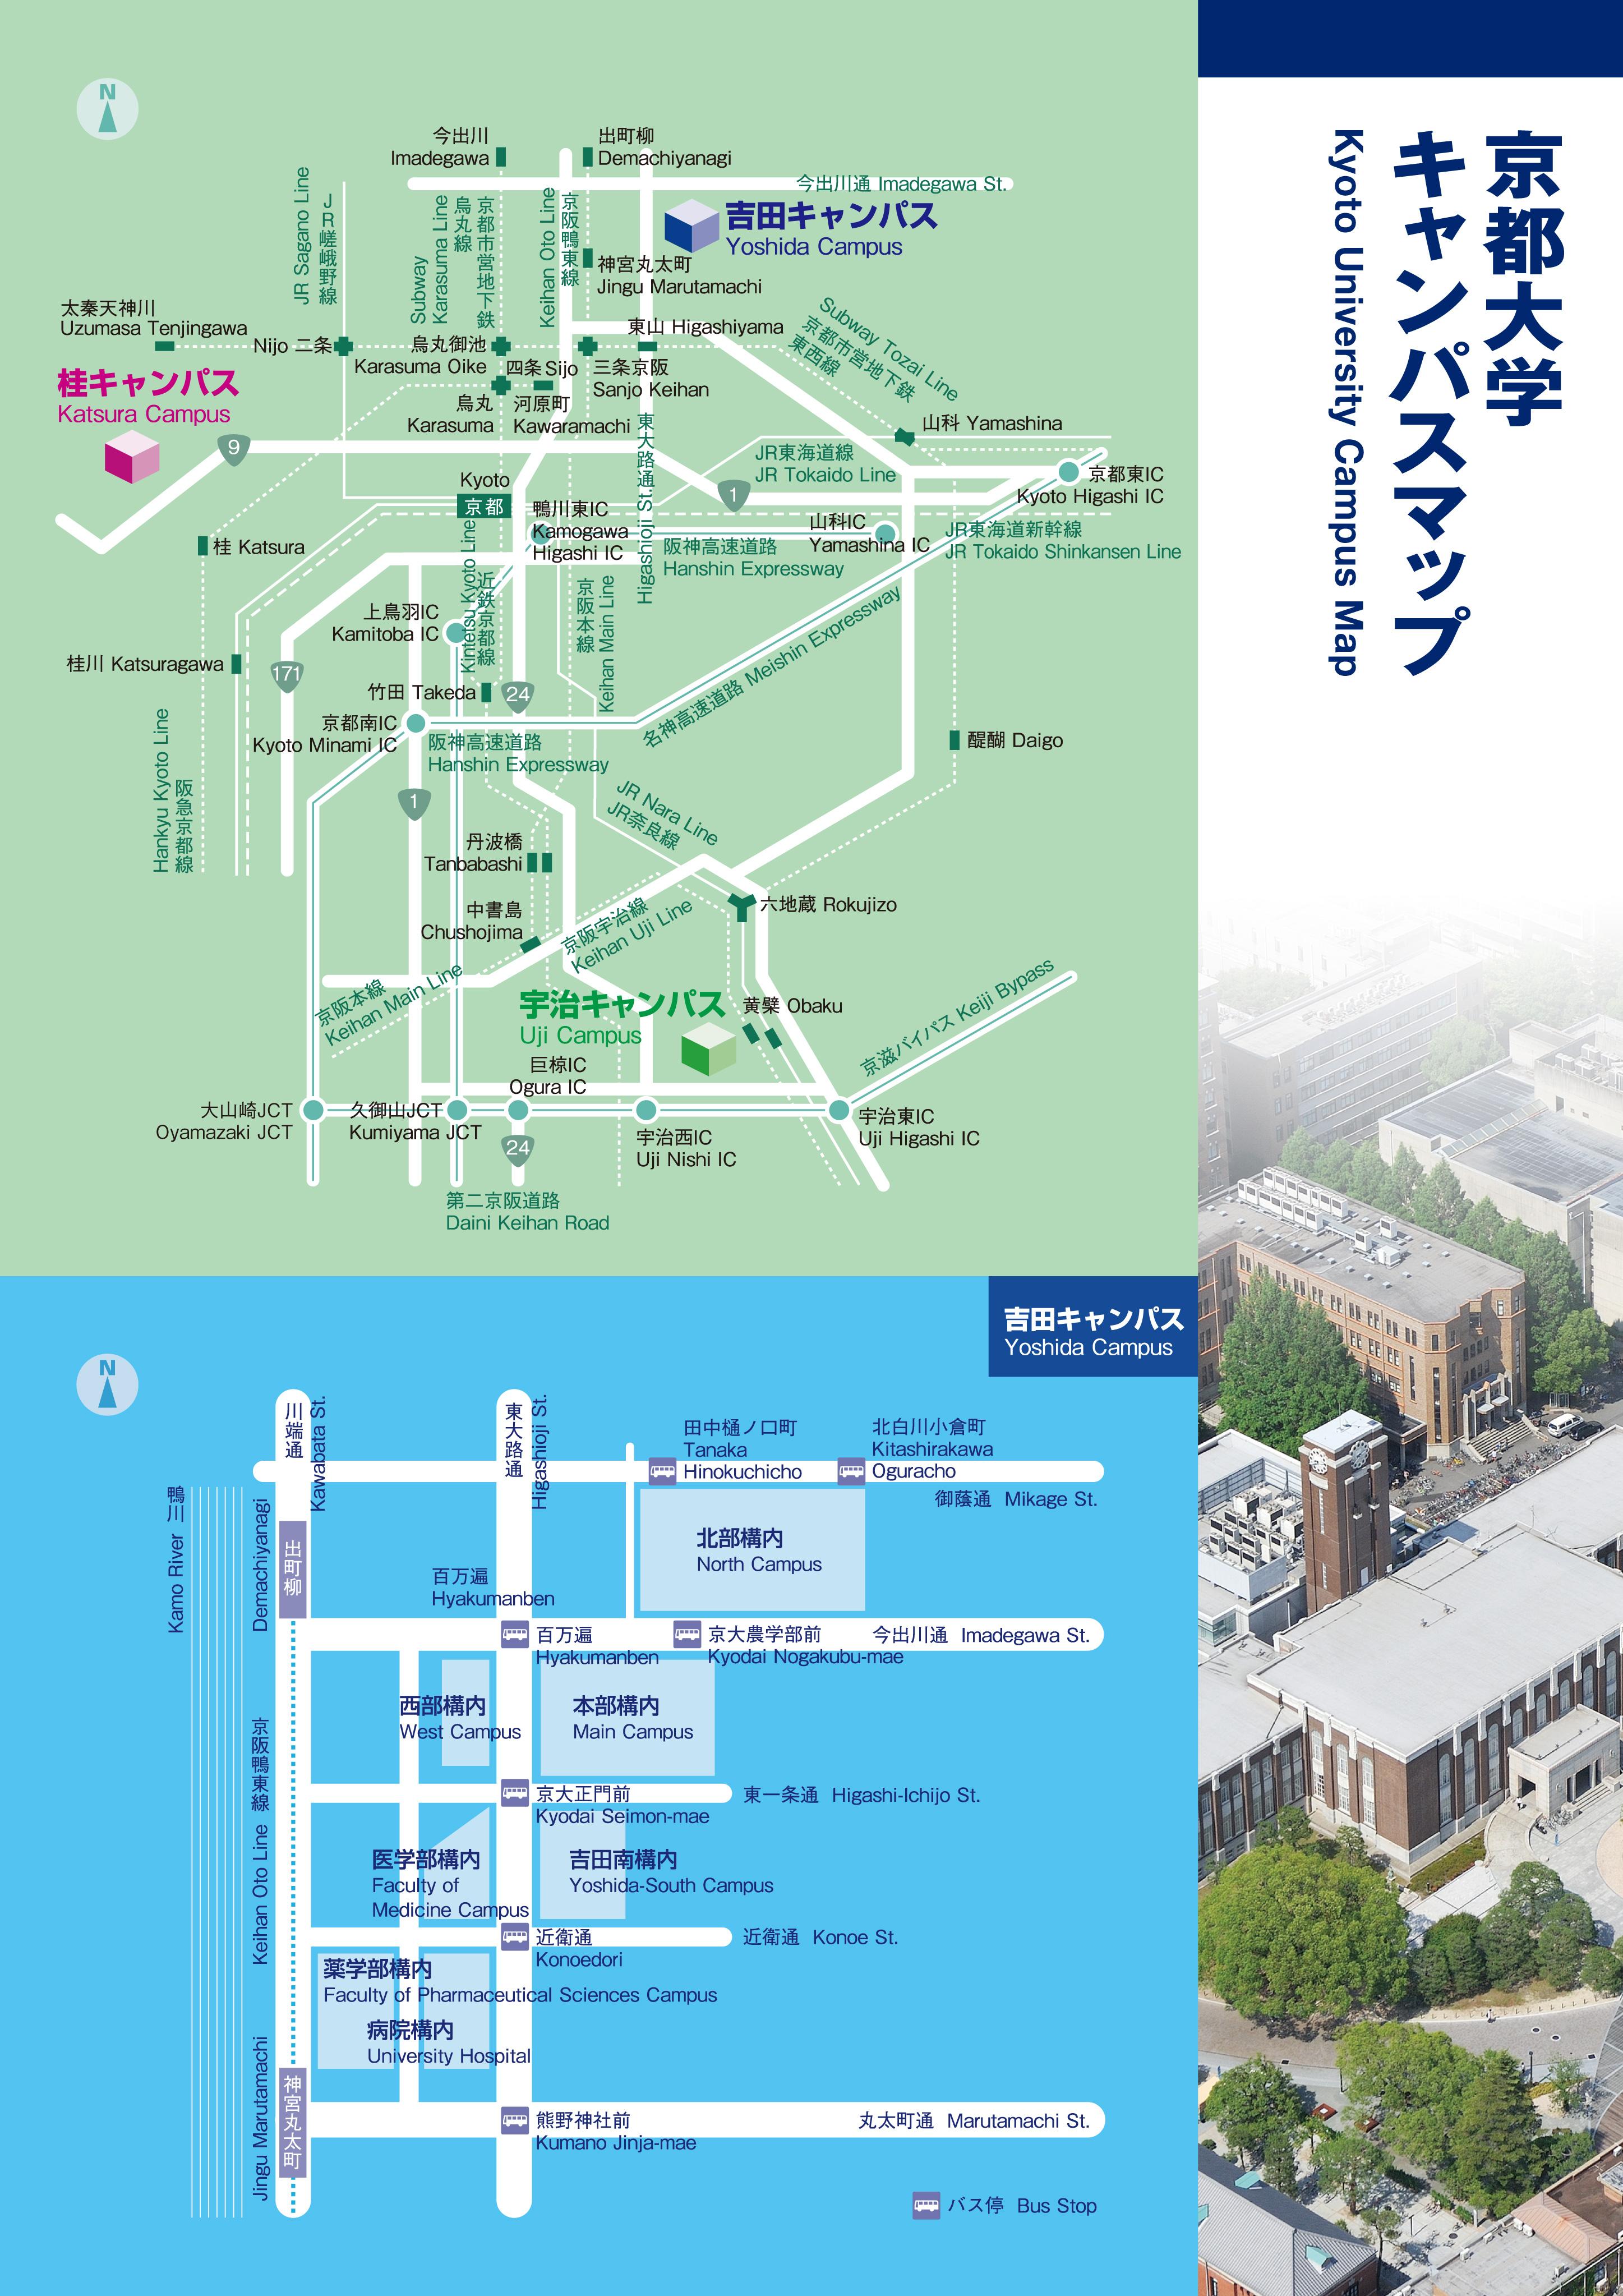 京都大学キャンパスマップ